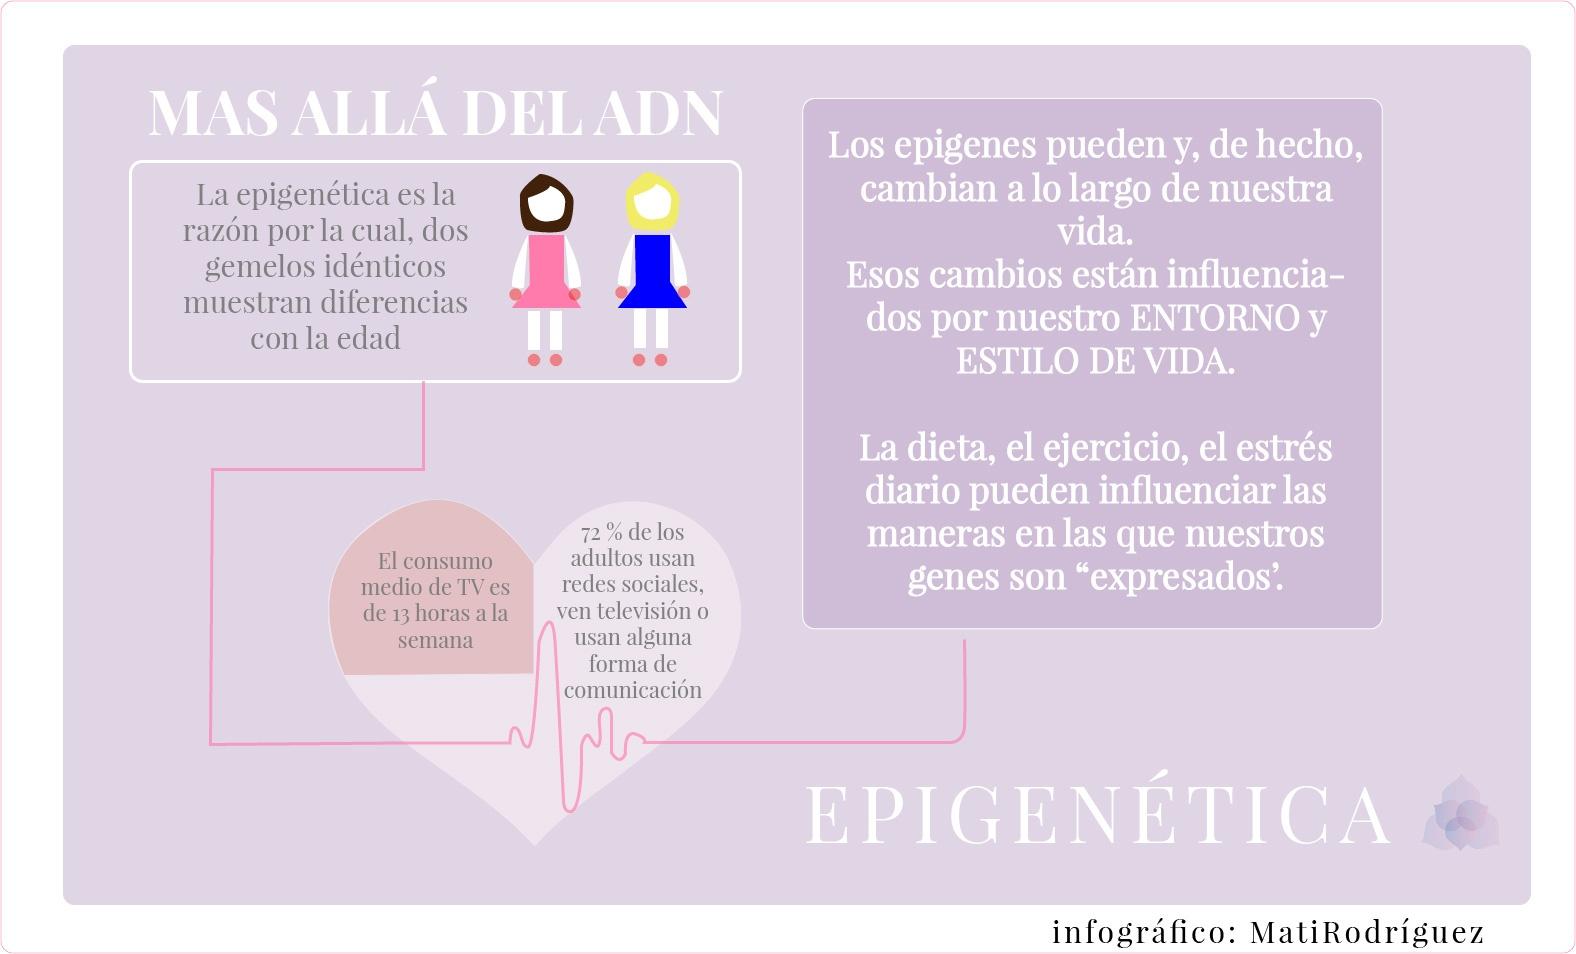 genetica-saludia-mundial-television-adn-genetica-salud-bioclinica-marbella-bioclinica